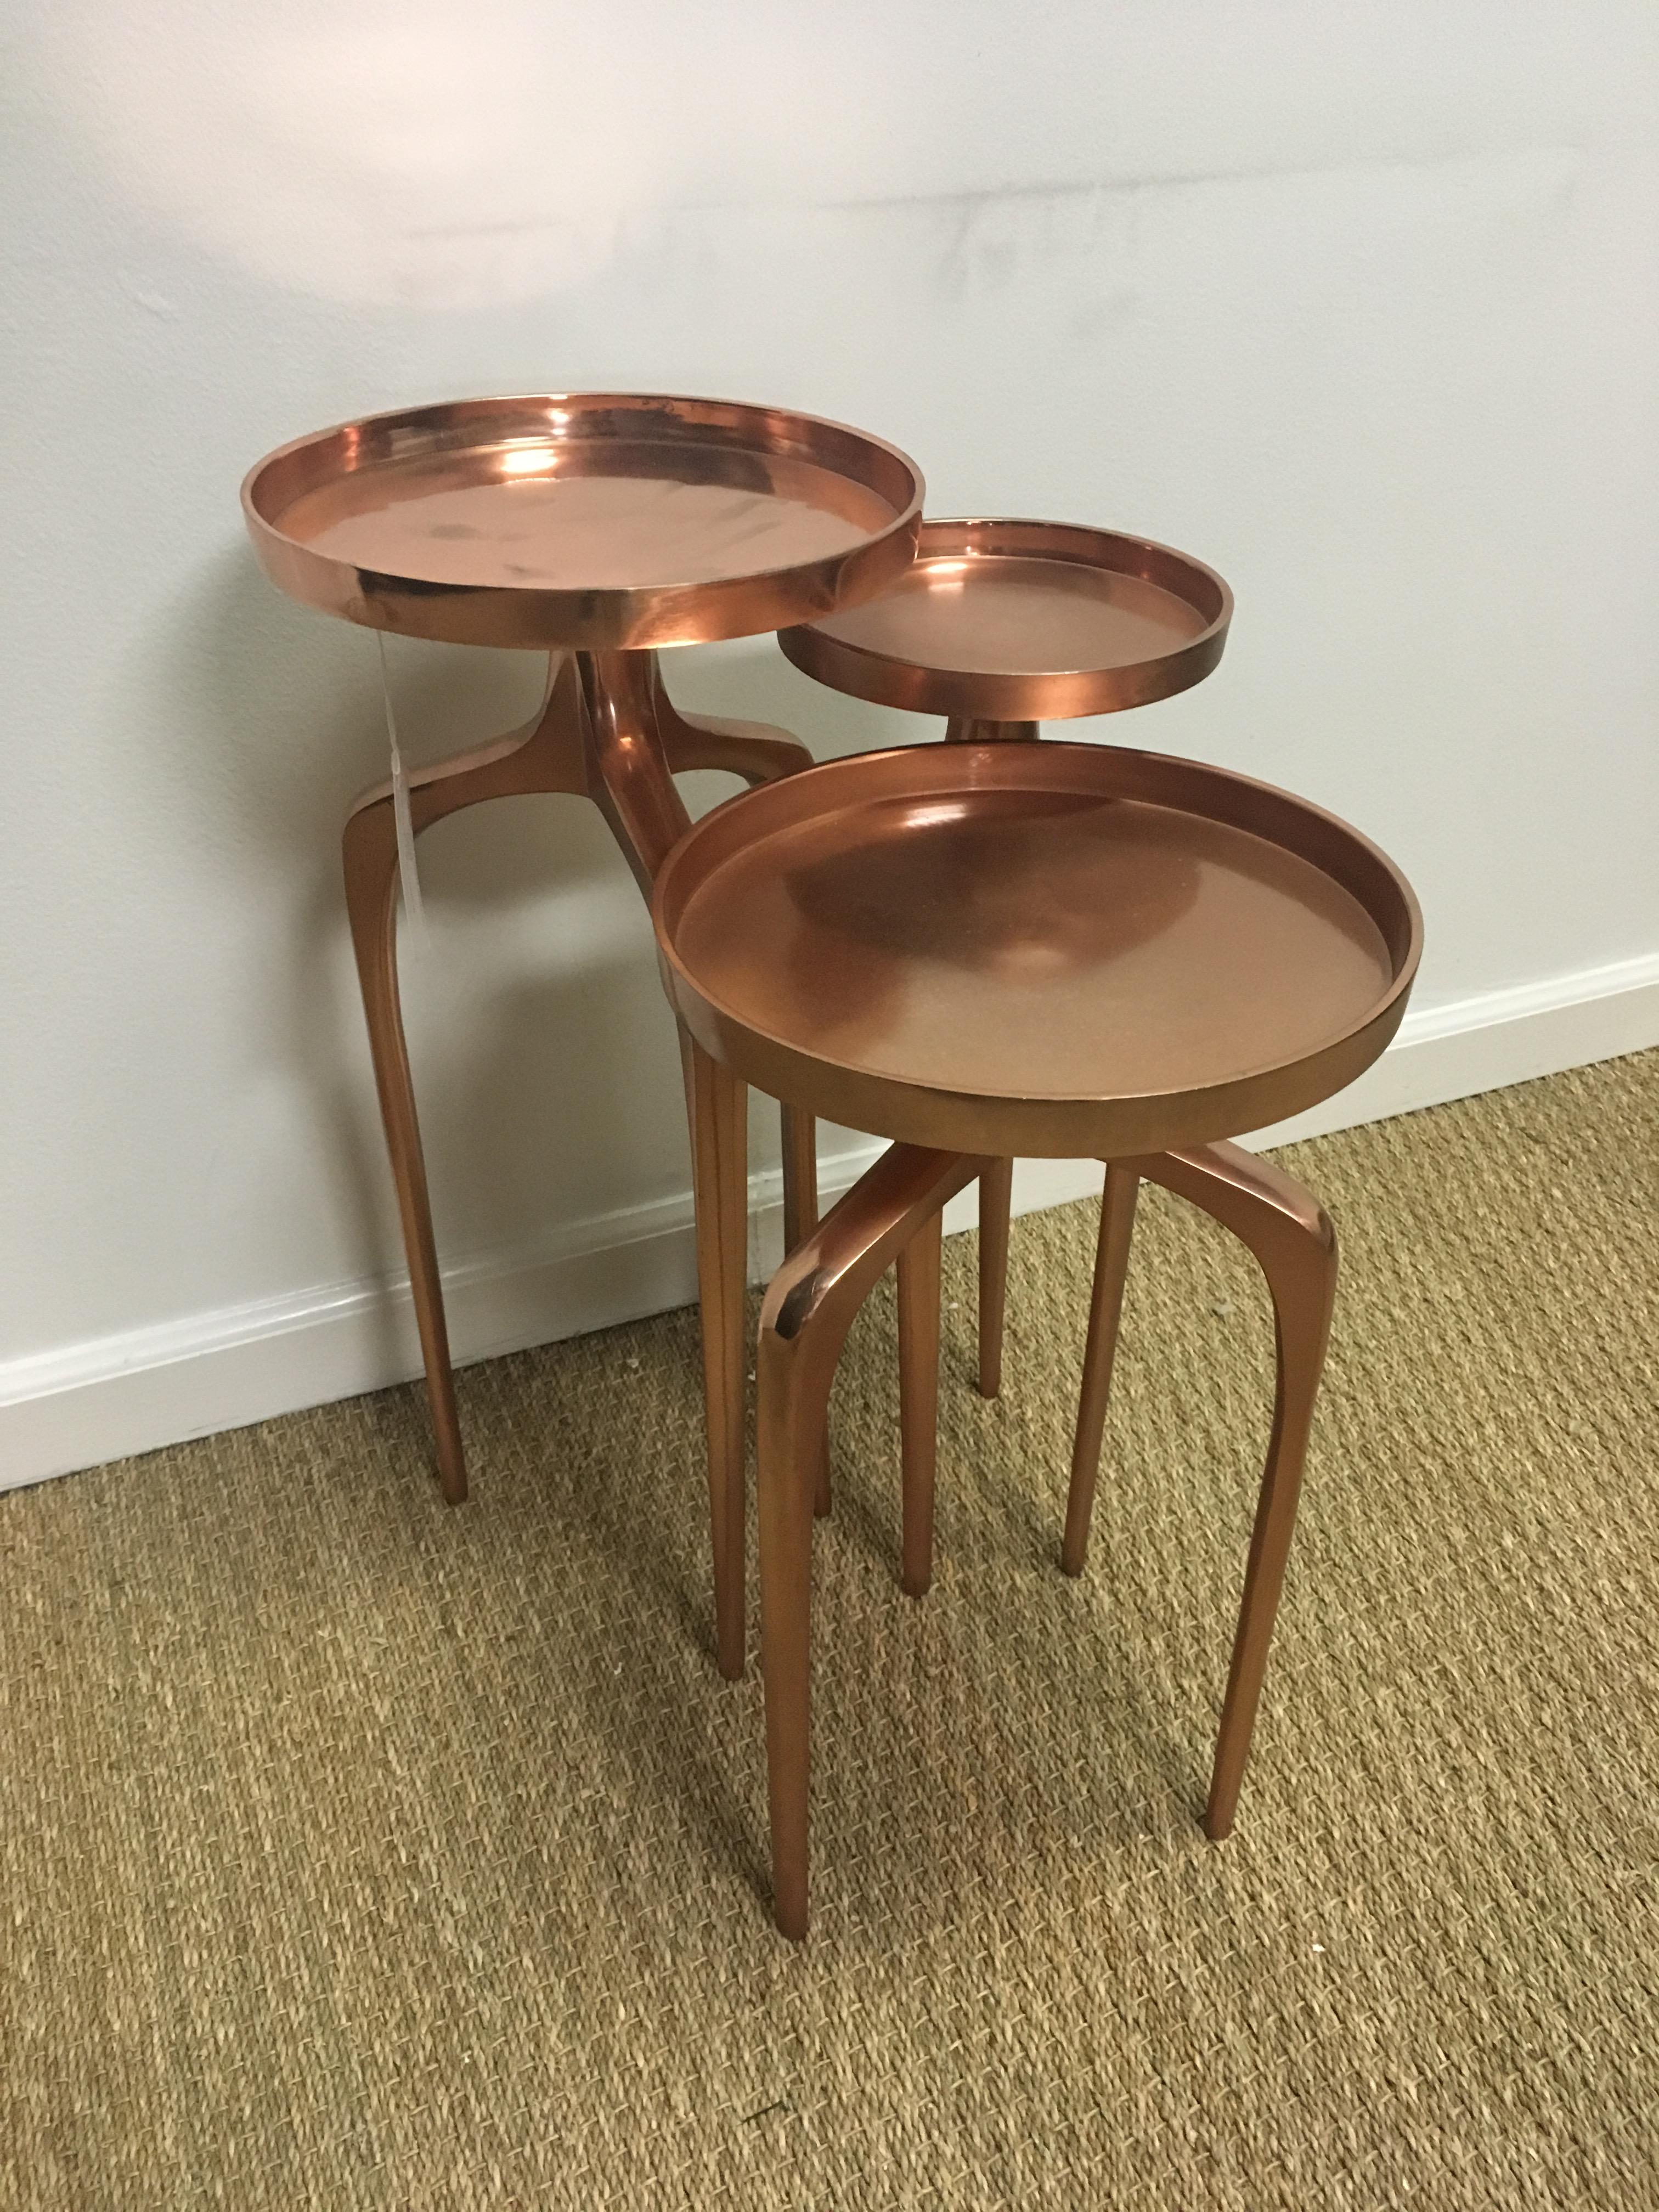 Rose Gold Side Tables   Set Of 3   Image 4 Of 6